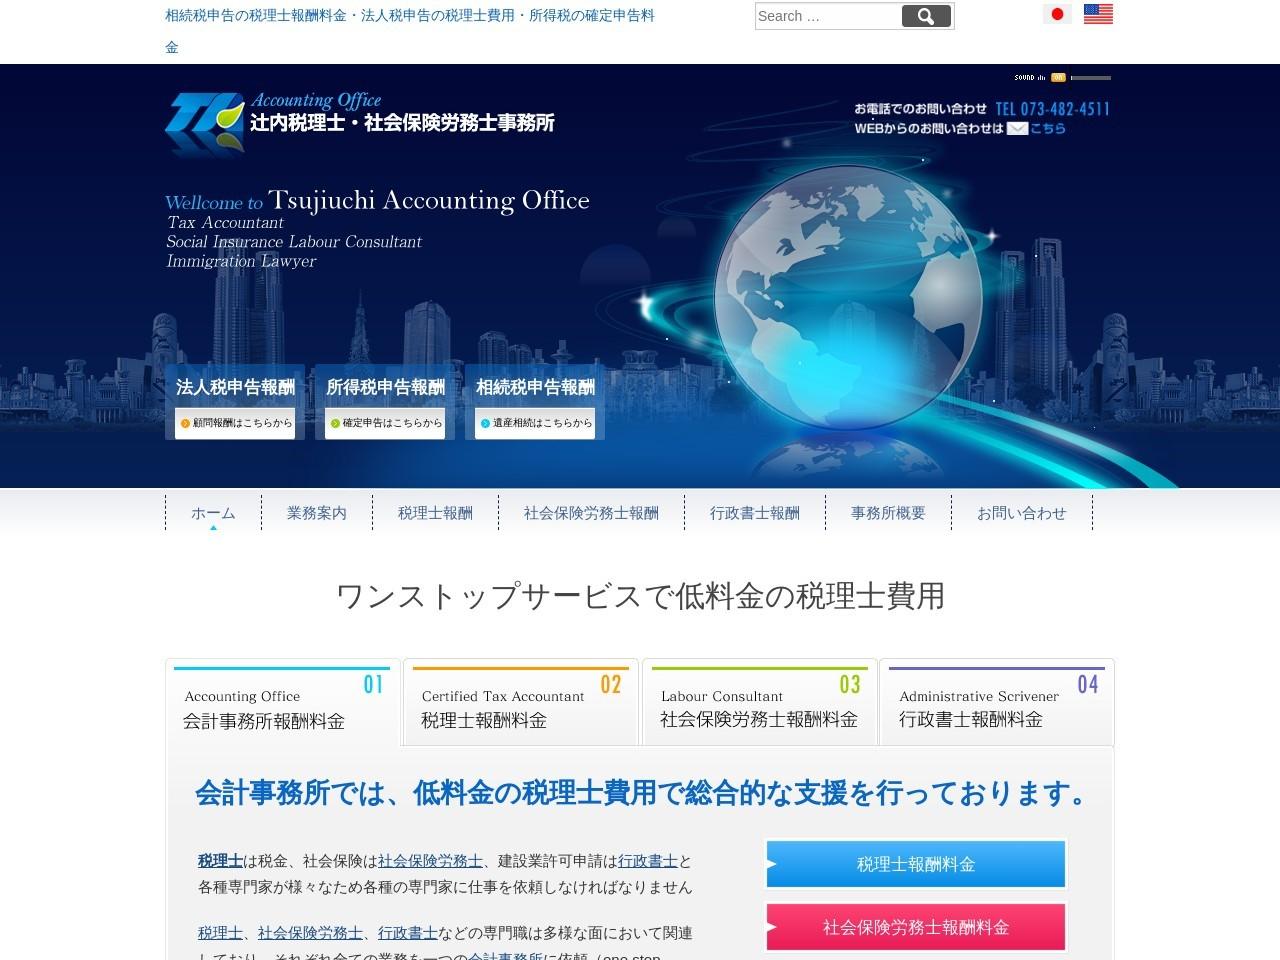 辻内税理士・社会保険労務士・行政書士事務所